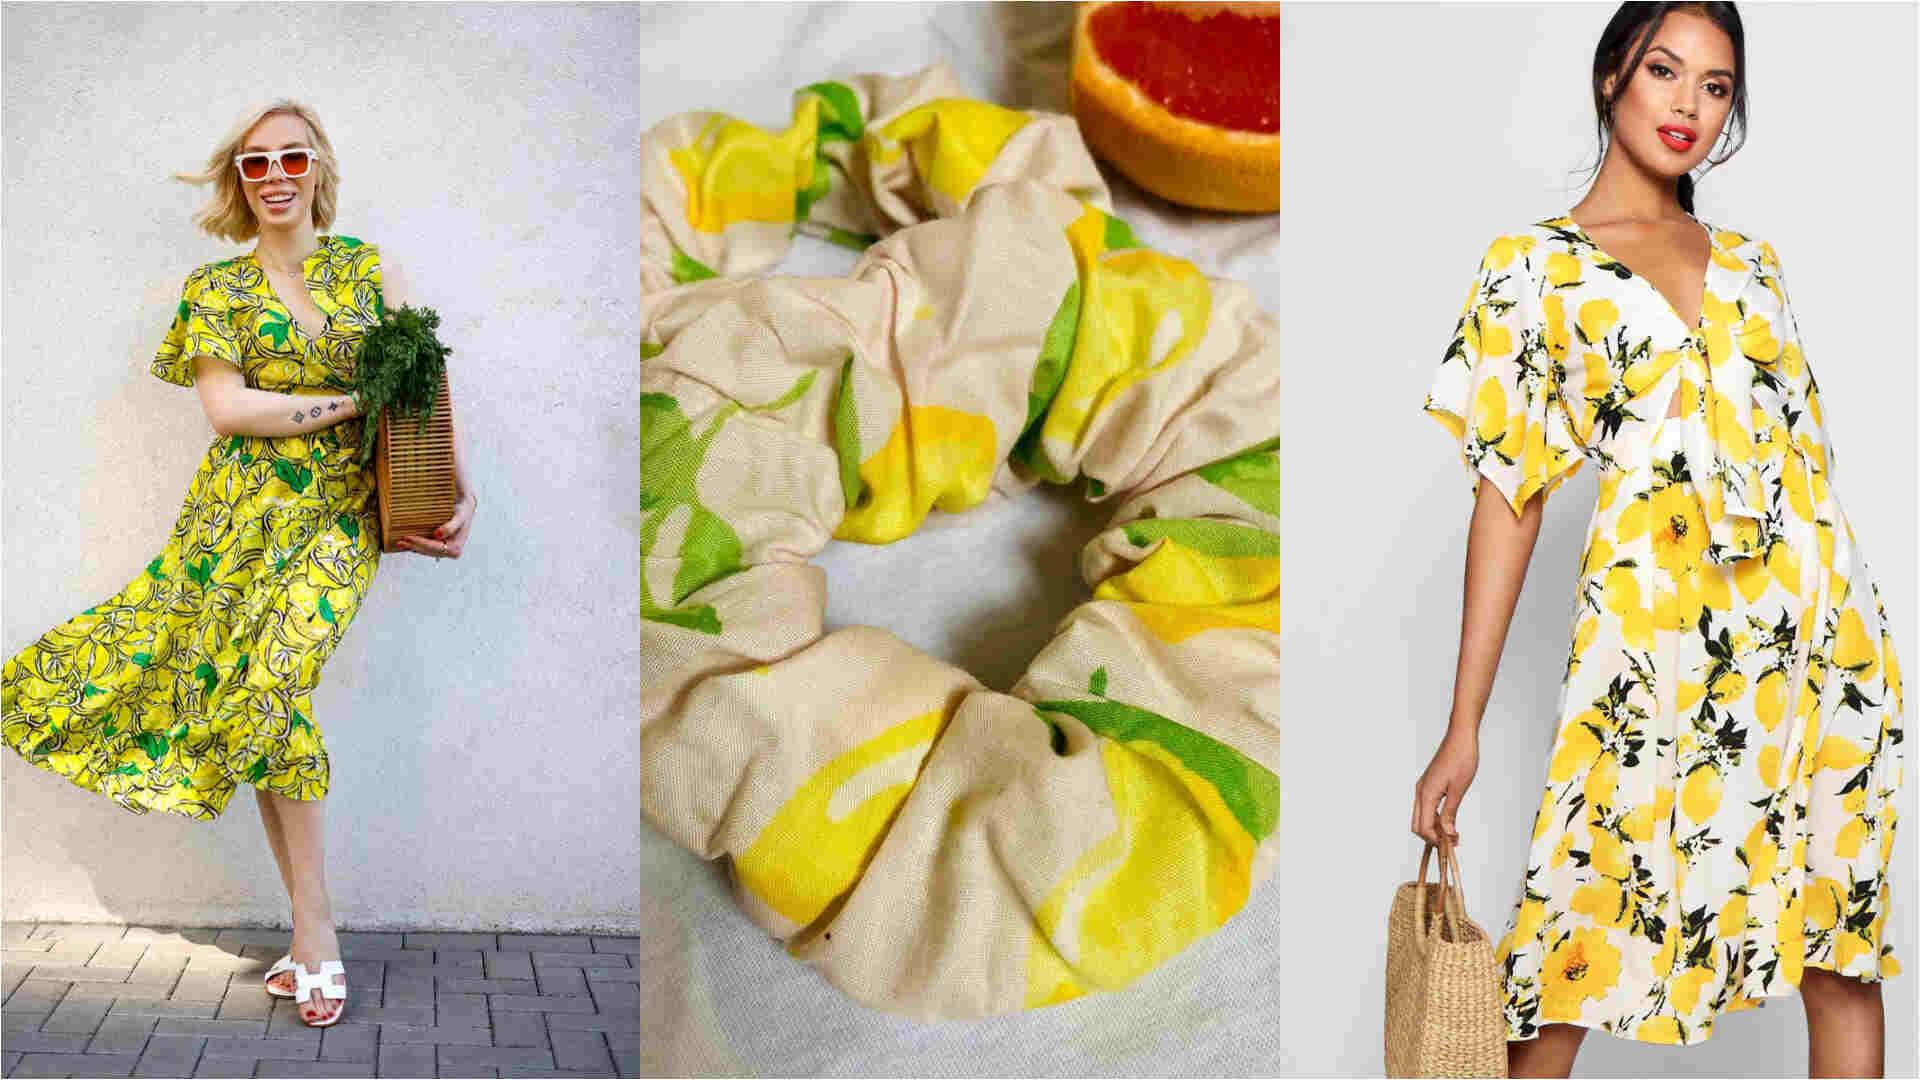 صيحة نقشة الليمون تزيّن الفساتين والسراويل وحتى الأكسسوارات